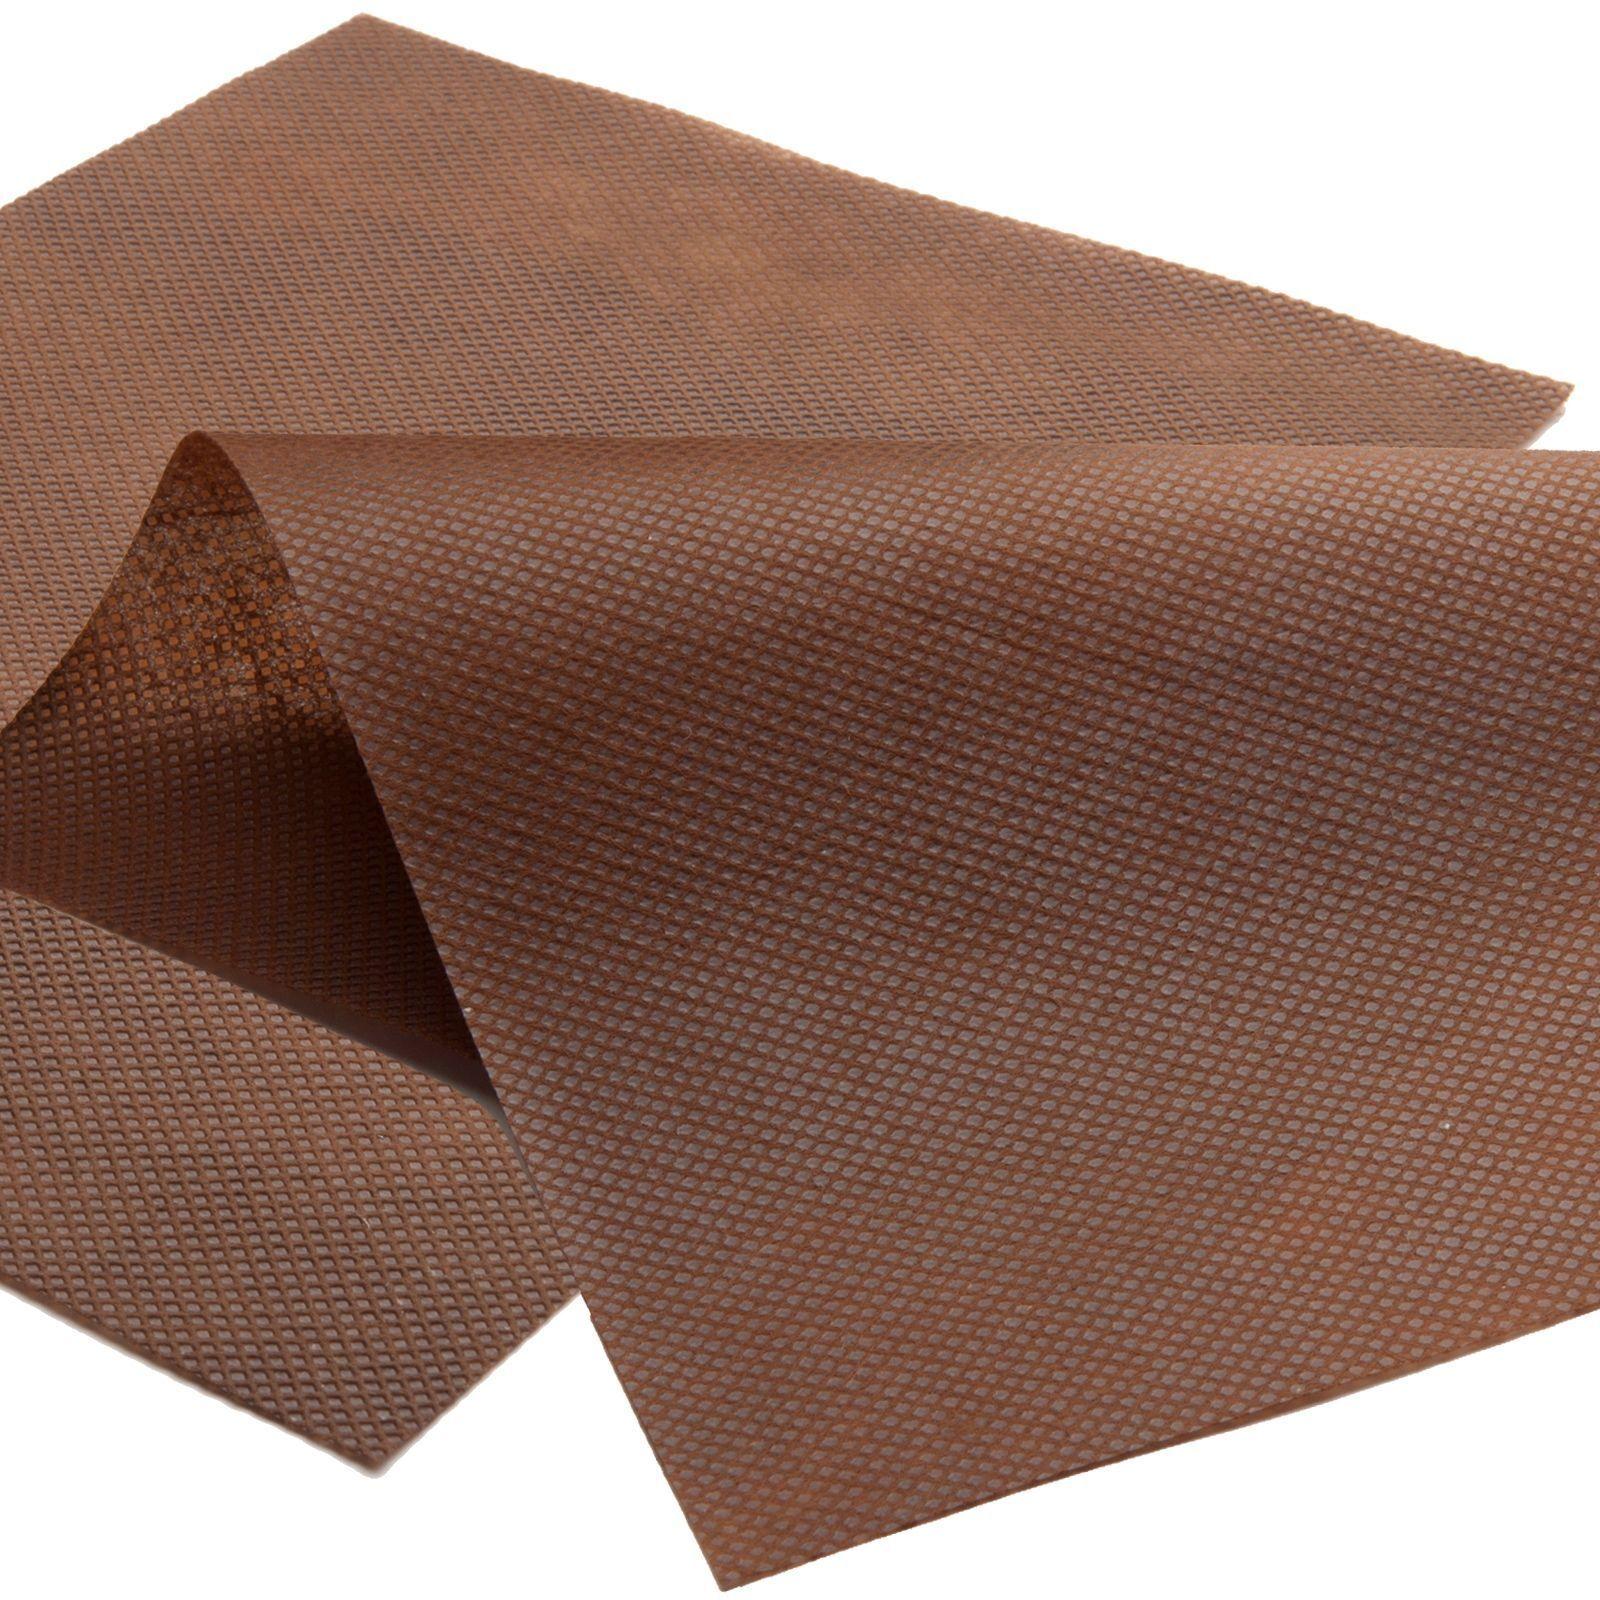 195 m² Unkrautvlies Unkrautfolie 1,95 m breit 80 g m² braun Materialprobe gratis